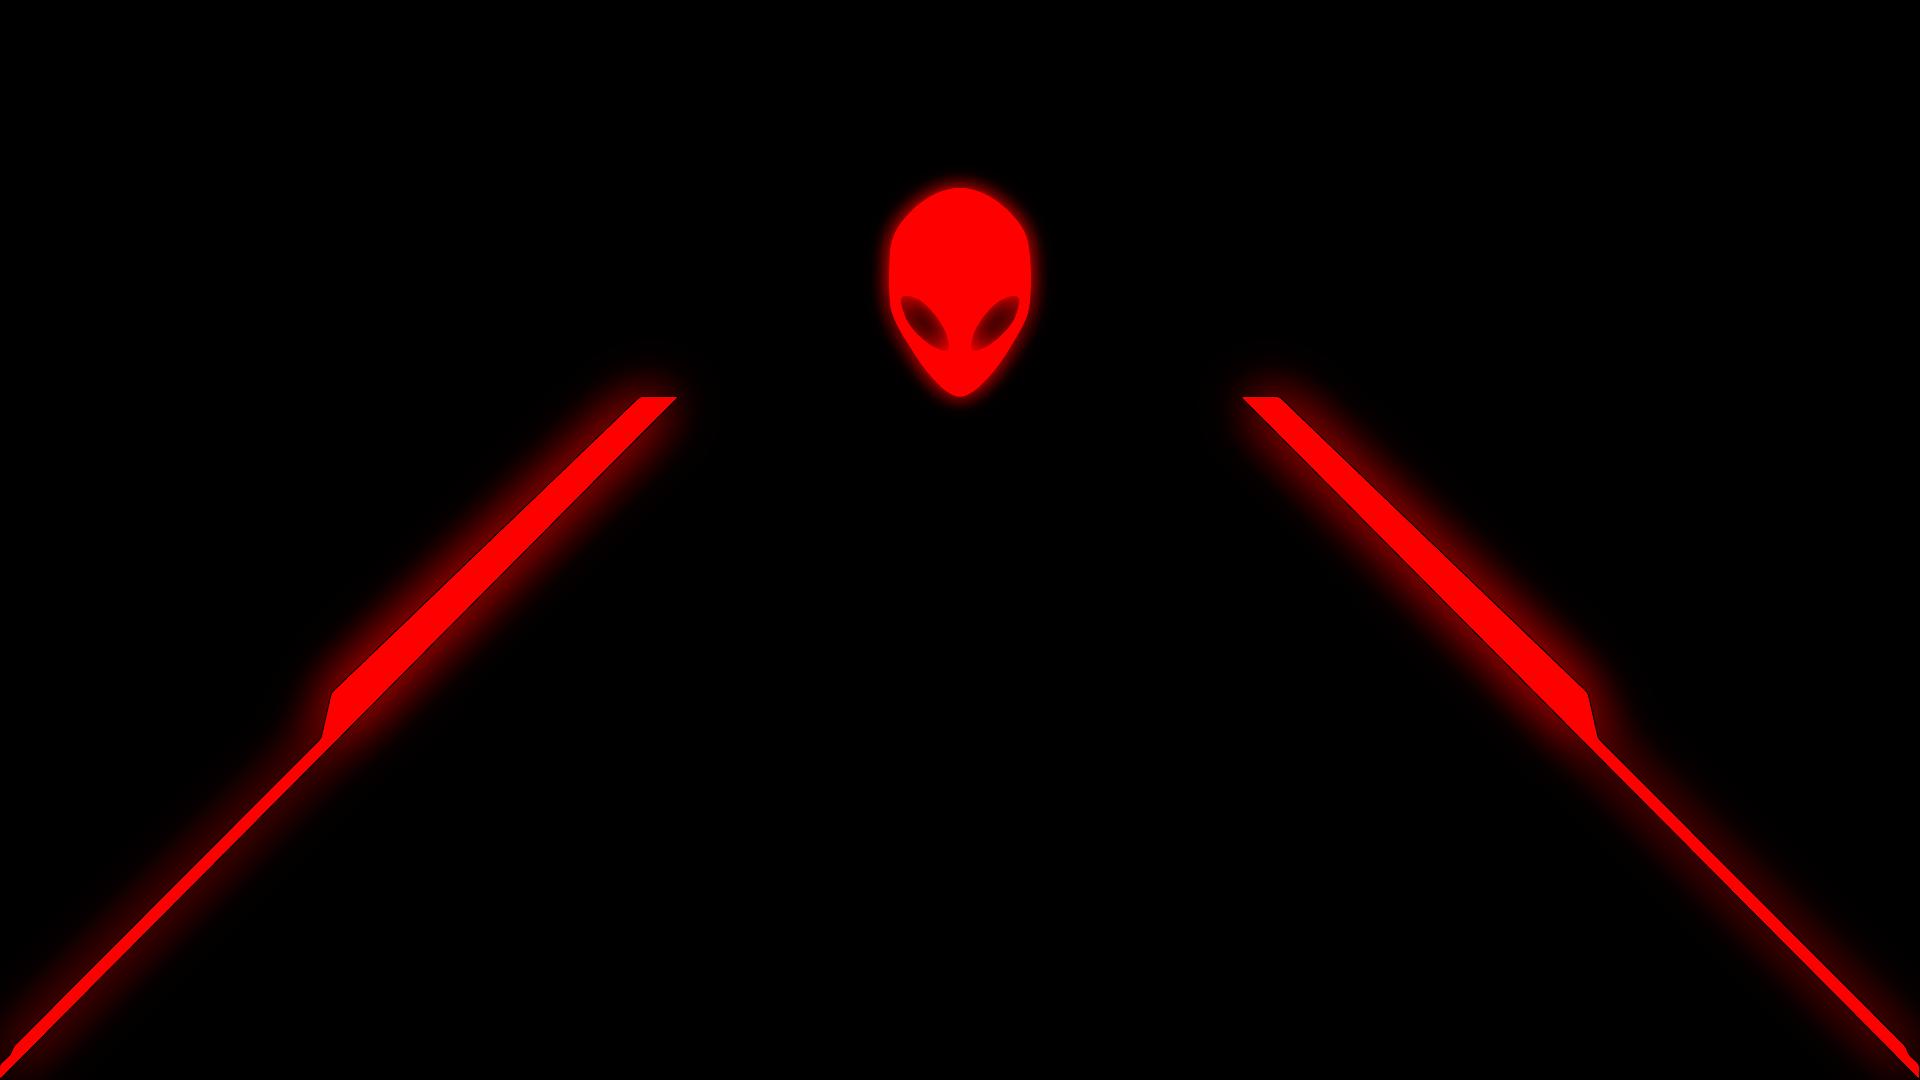 Red Alienware Wallpaper  WallpaperSafari